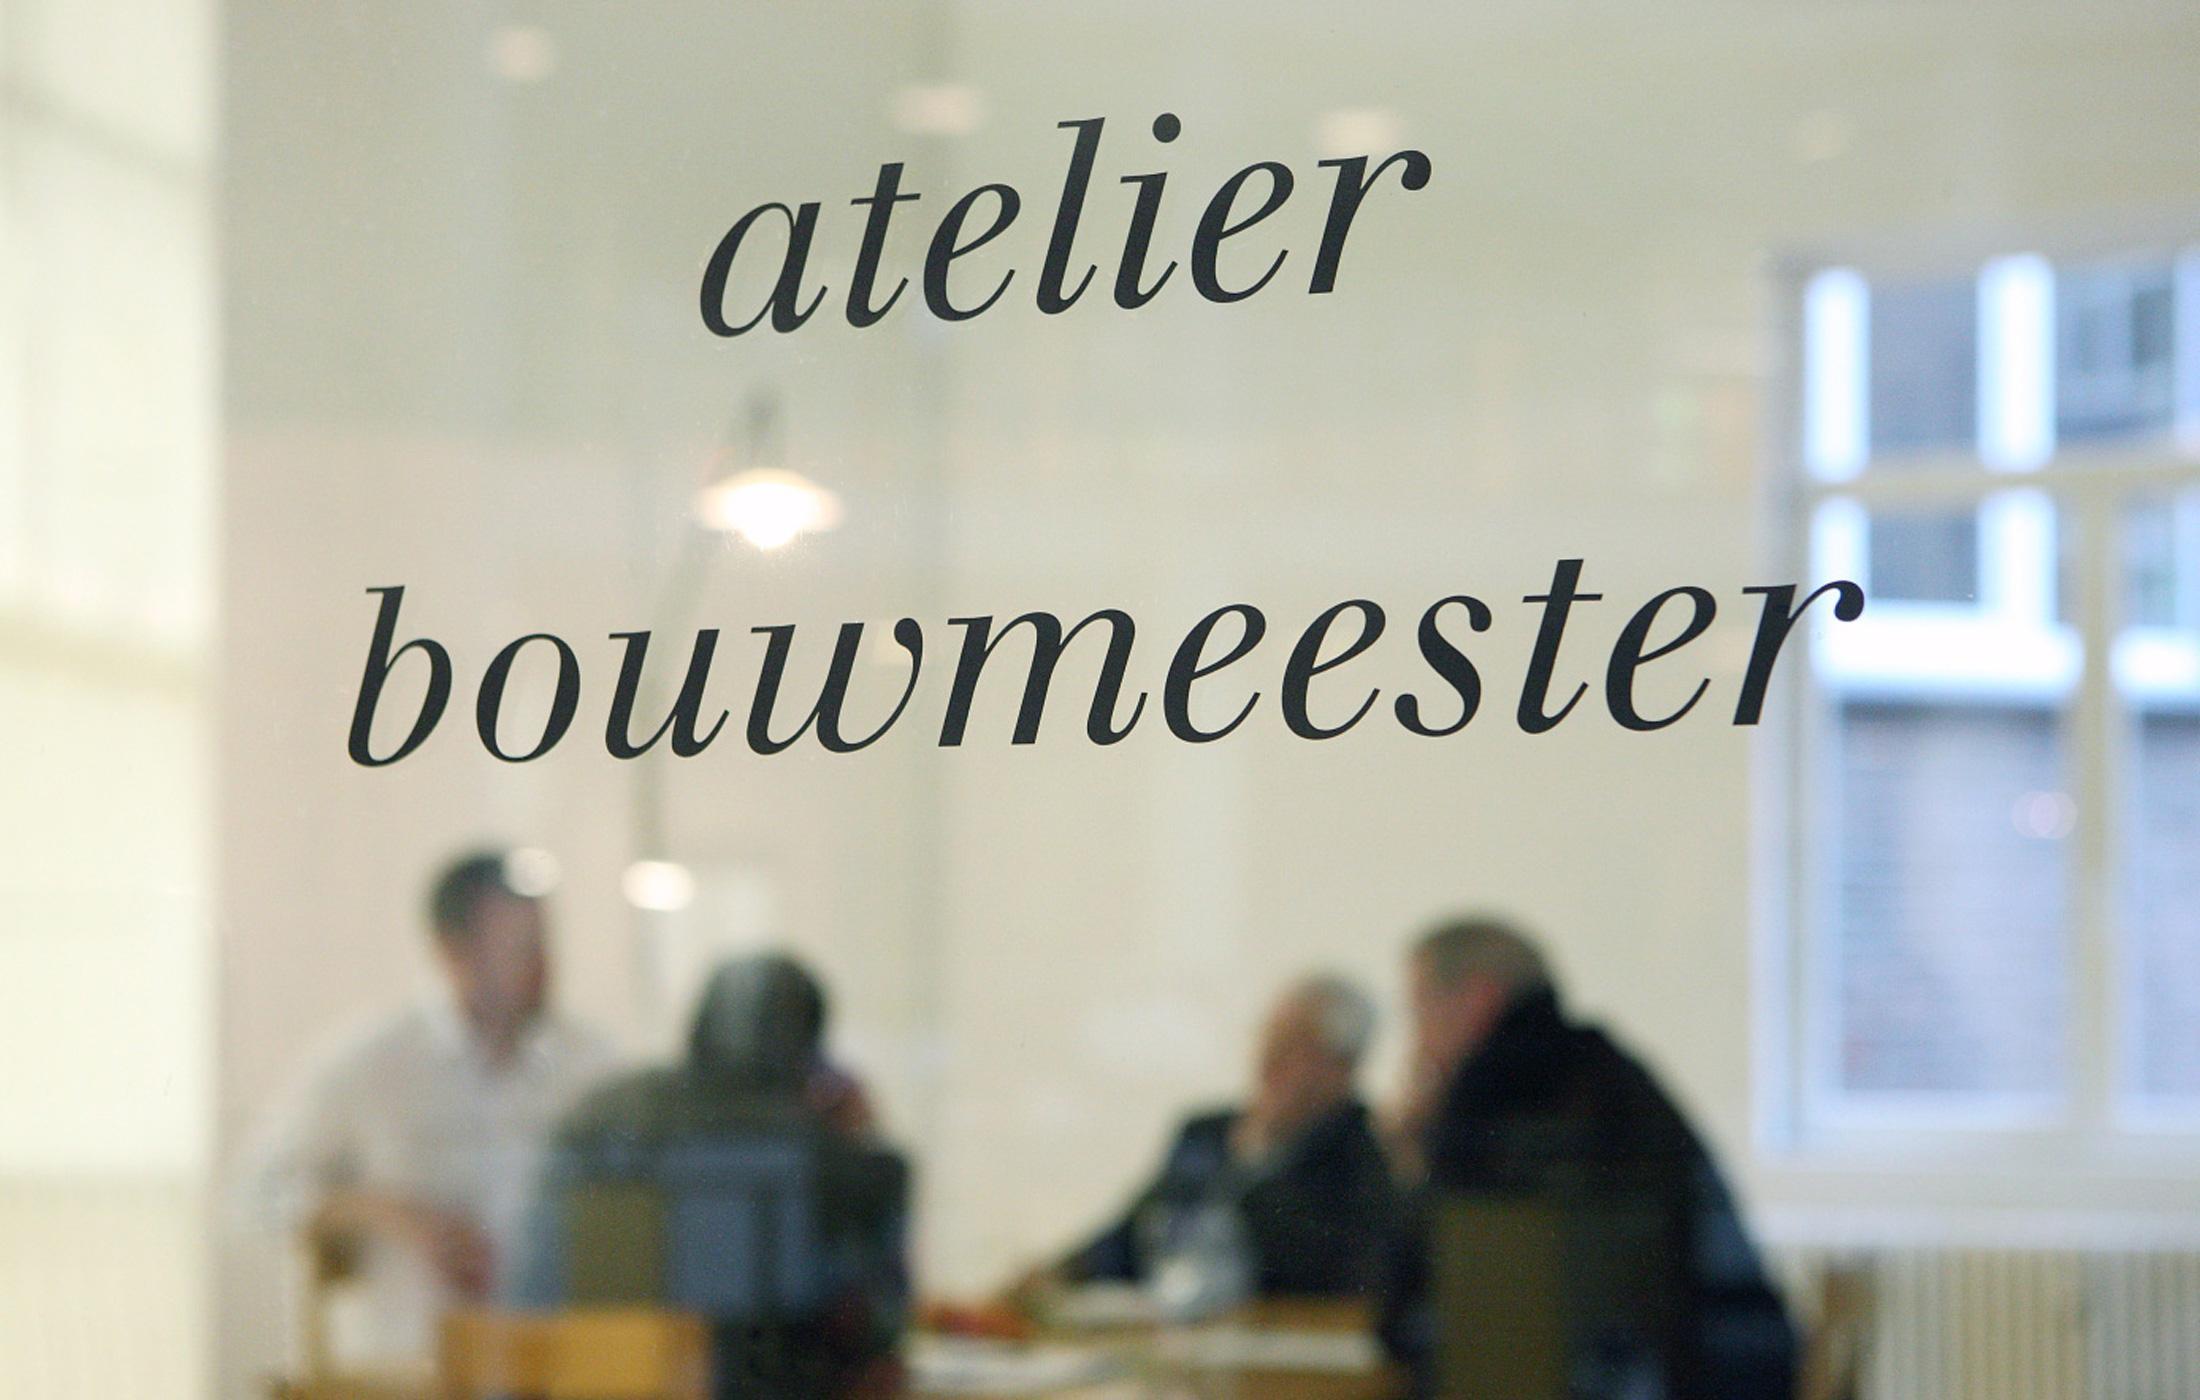 Atelier Bouwmeester ©Filip Dujardin